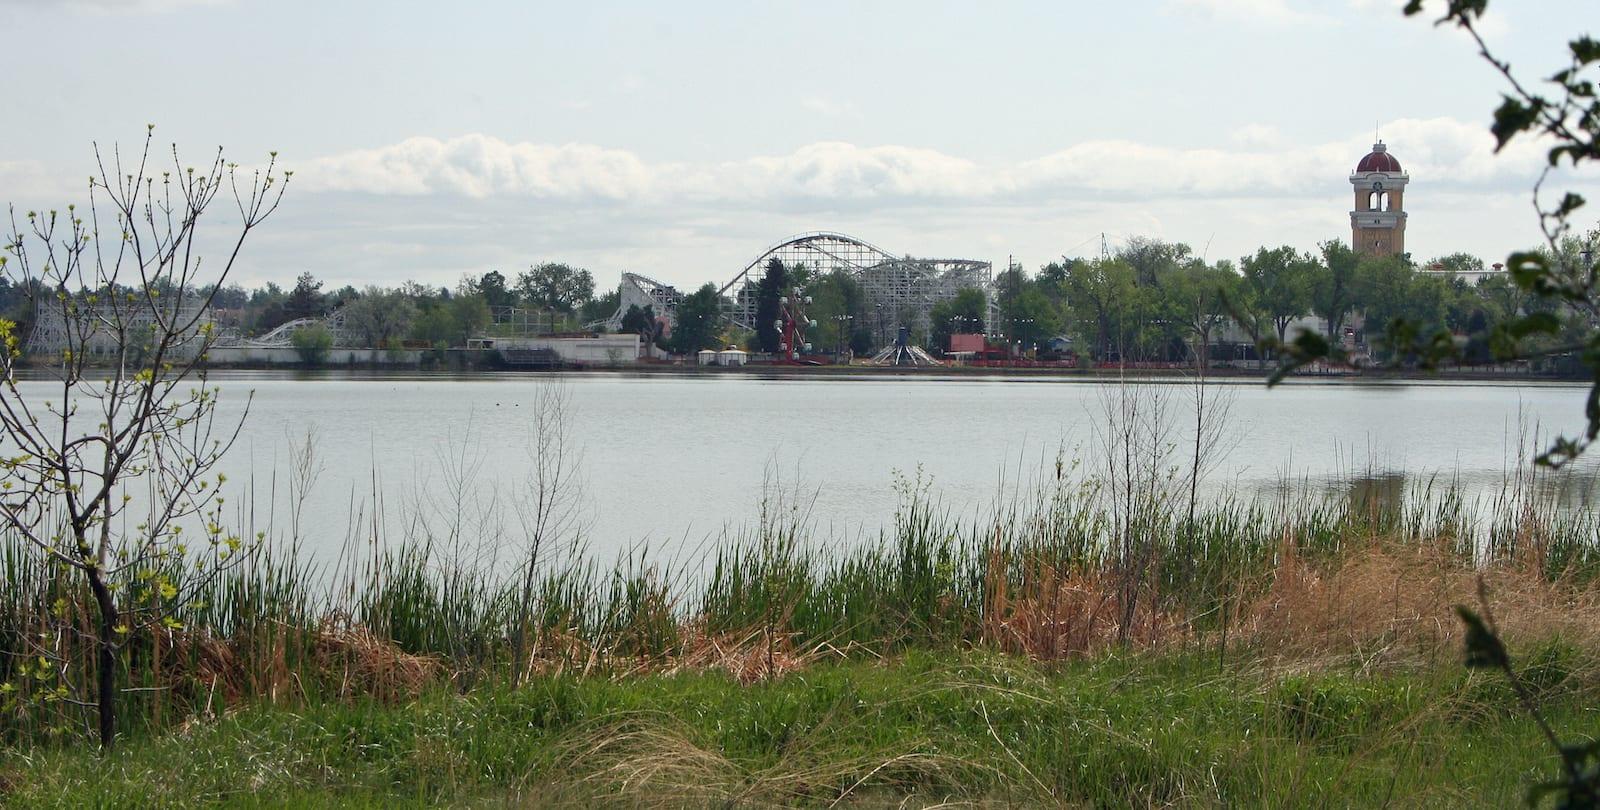 Lakeside Amusement Park Lake Rhoda Denver CO